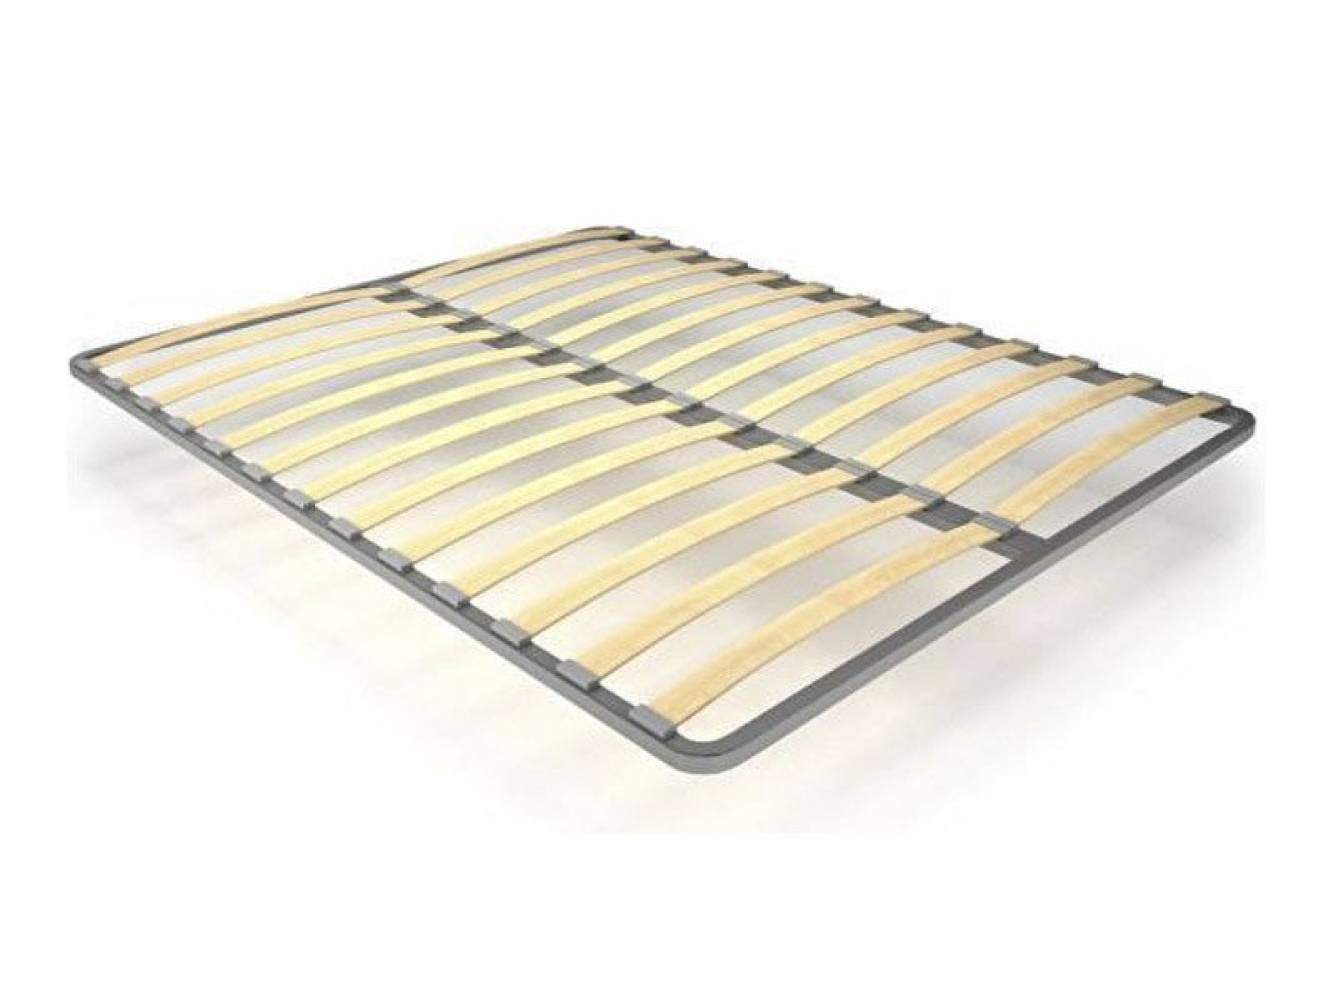 Ортопедическое основание для кровати 1600 ЕВА (Пегассо Капучино)